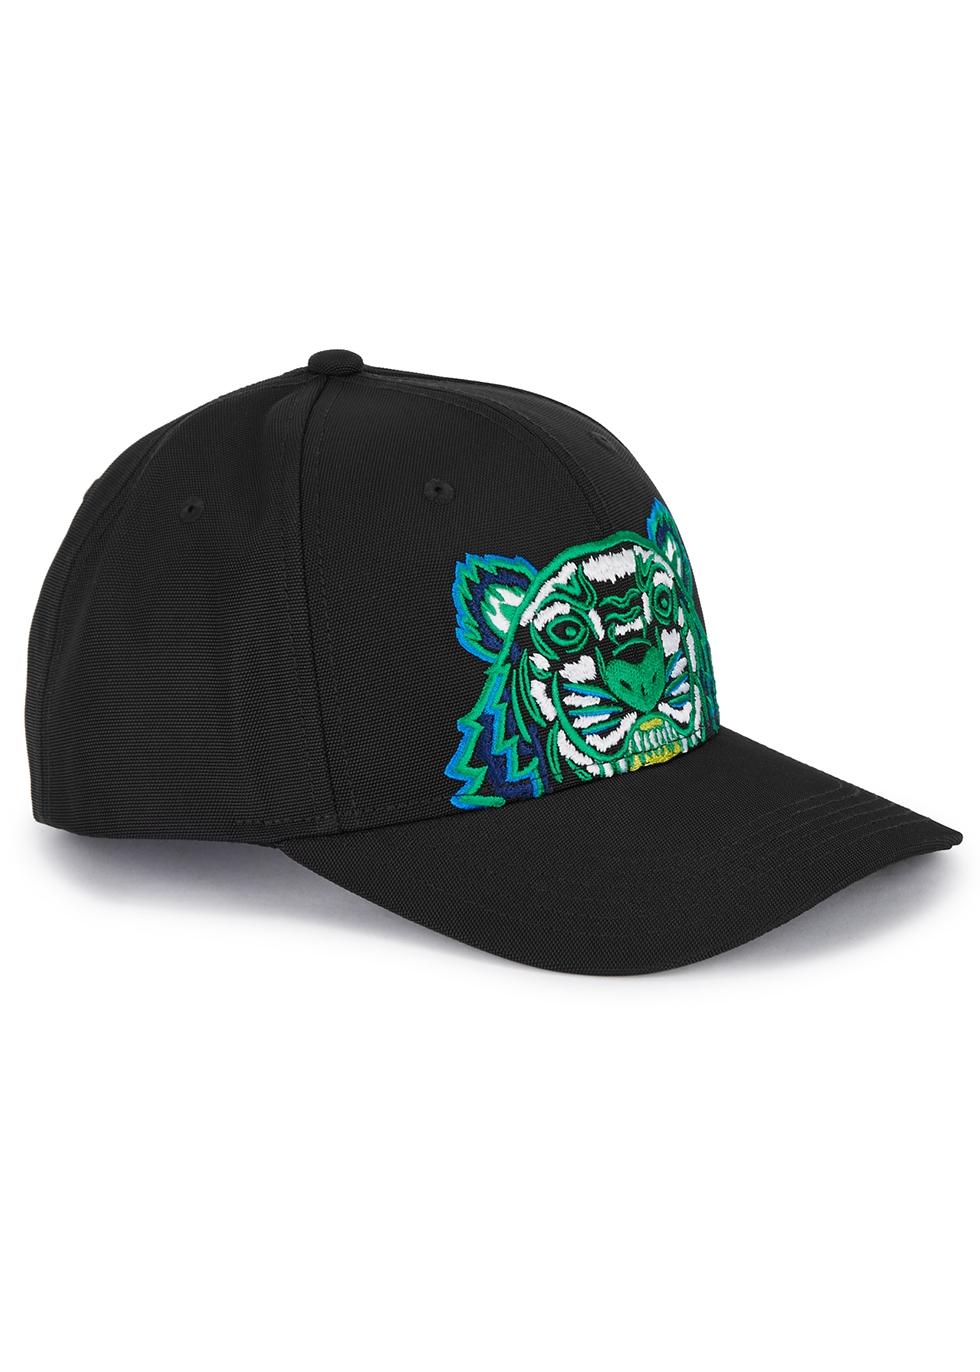 279d19516f7 Men s Designer Hats - Harvey Nichols